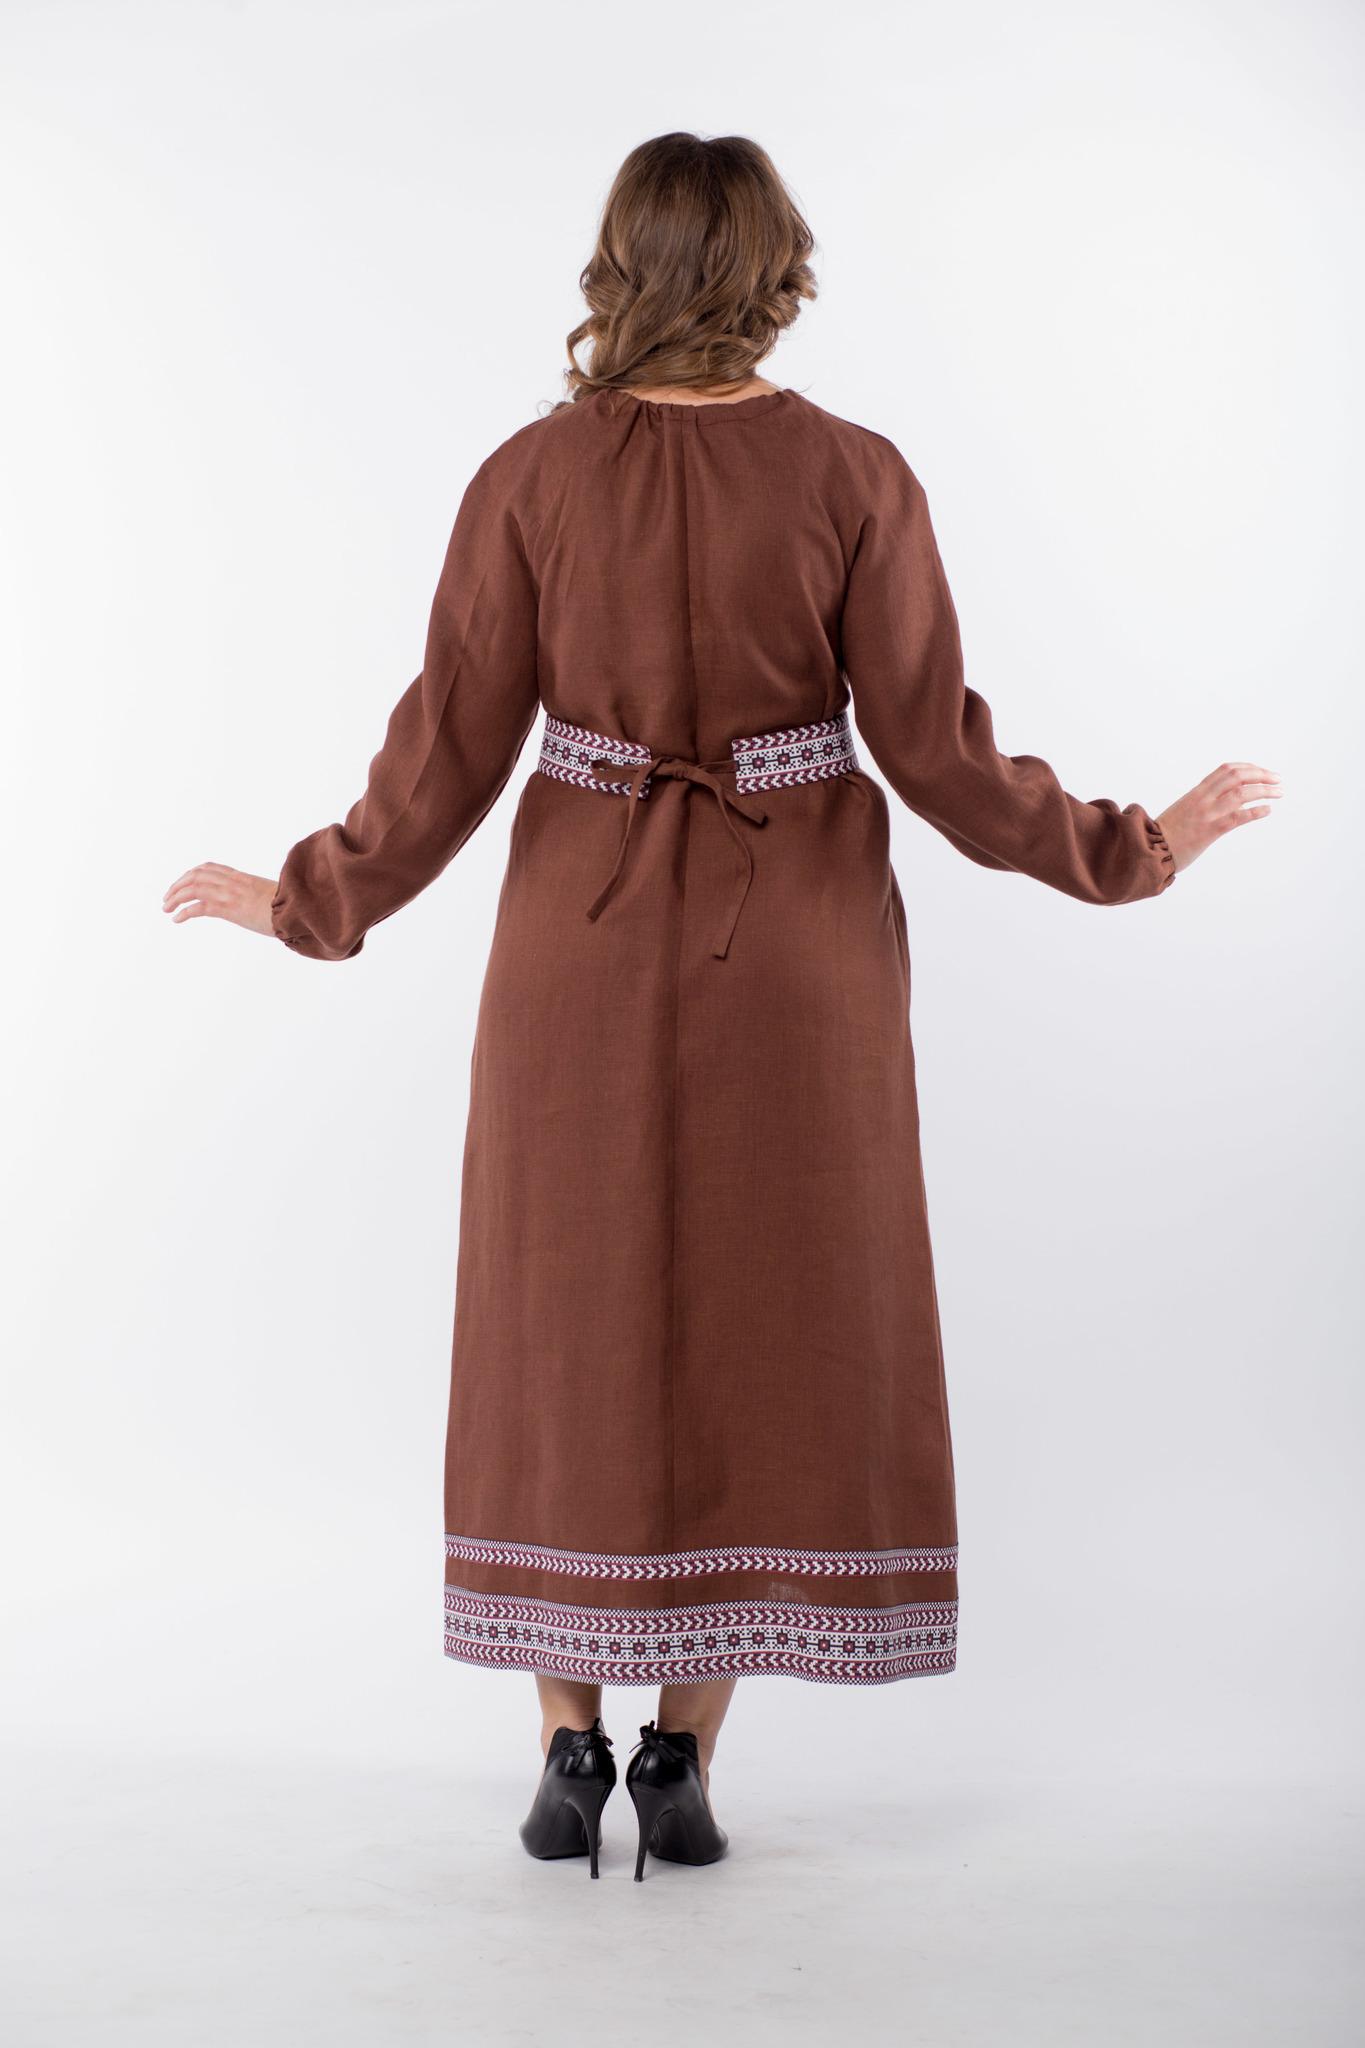 Платье льняное Новгородское 50-52 размер вид сзади